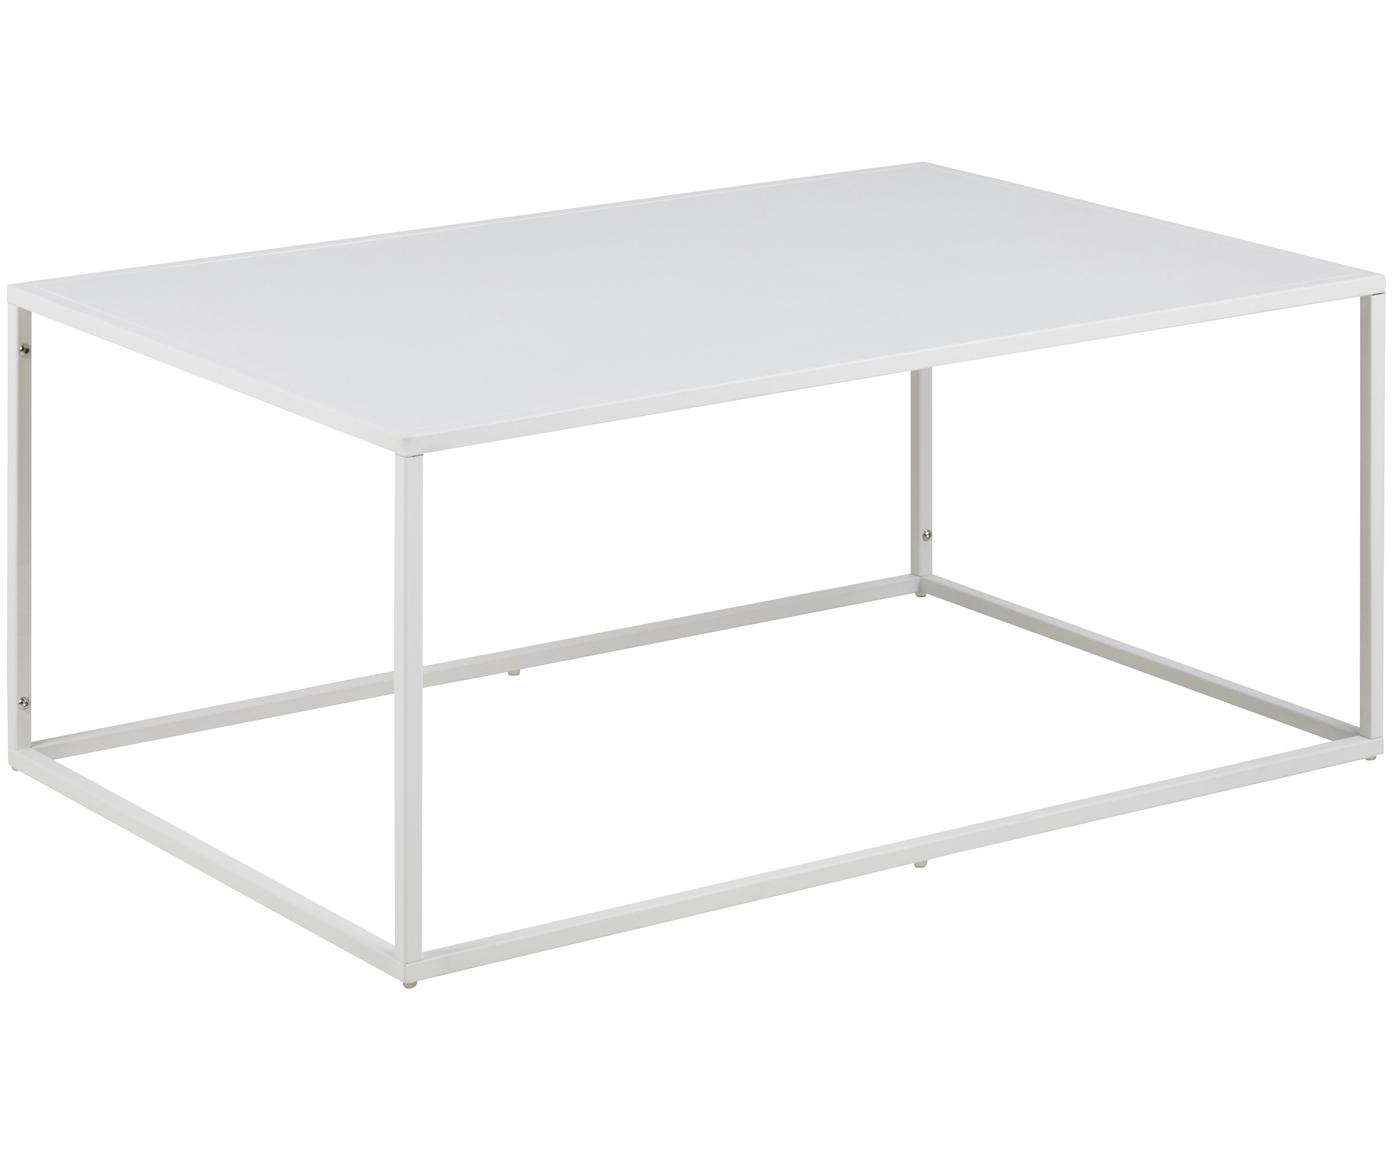 Tavolino da salotto in metallo bianco Newton, Metallo verniciato a polvere, Bianco, Larg. 90 x Prof. 60 cm